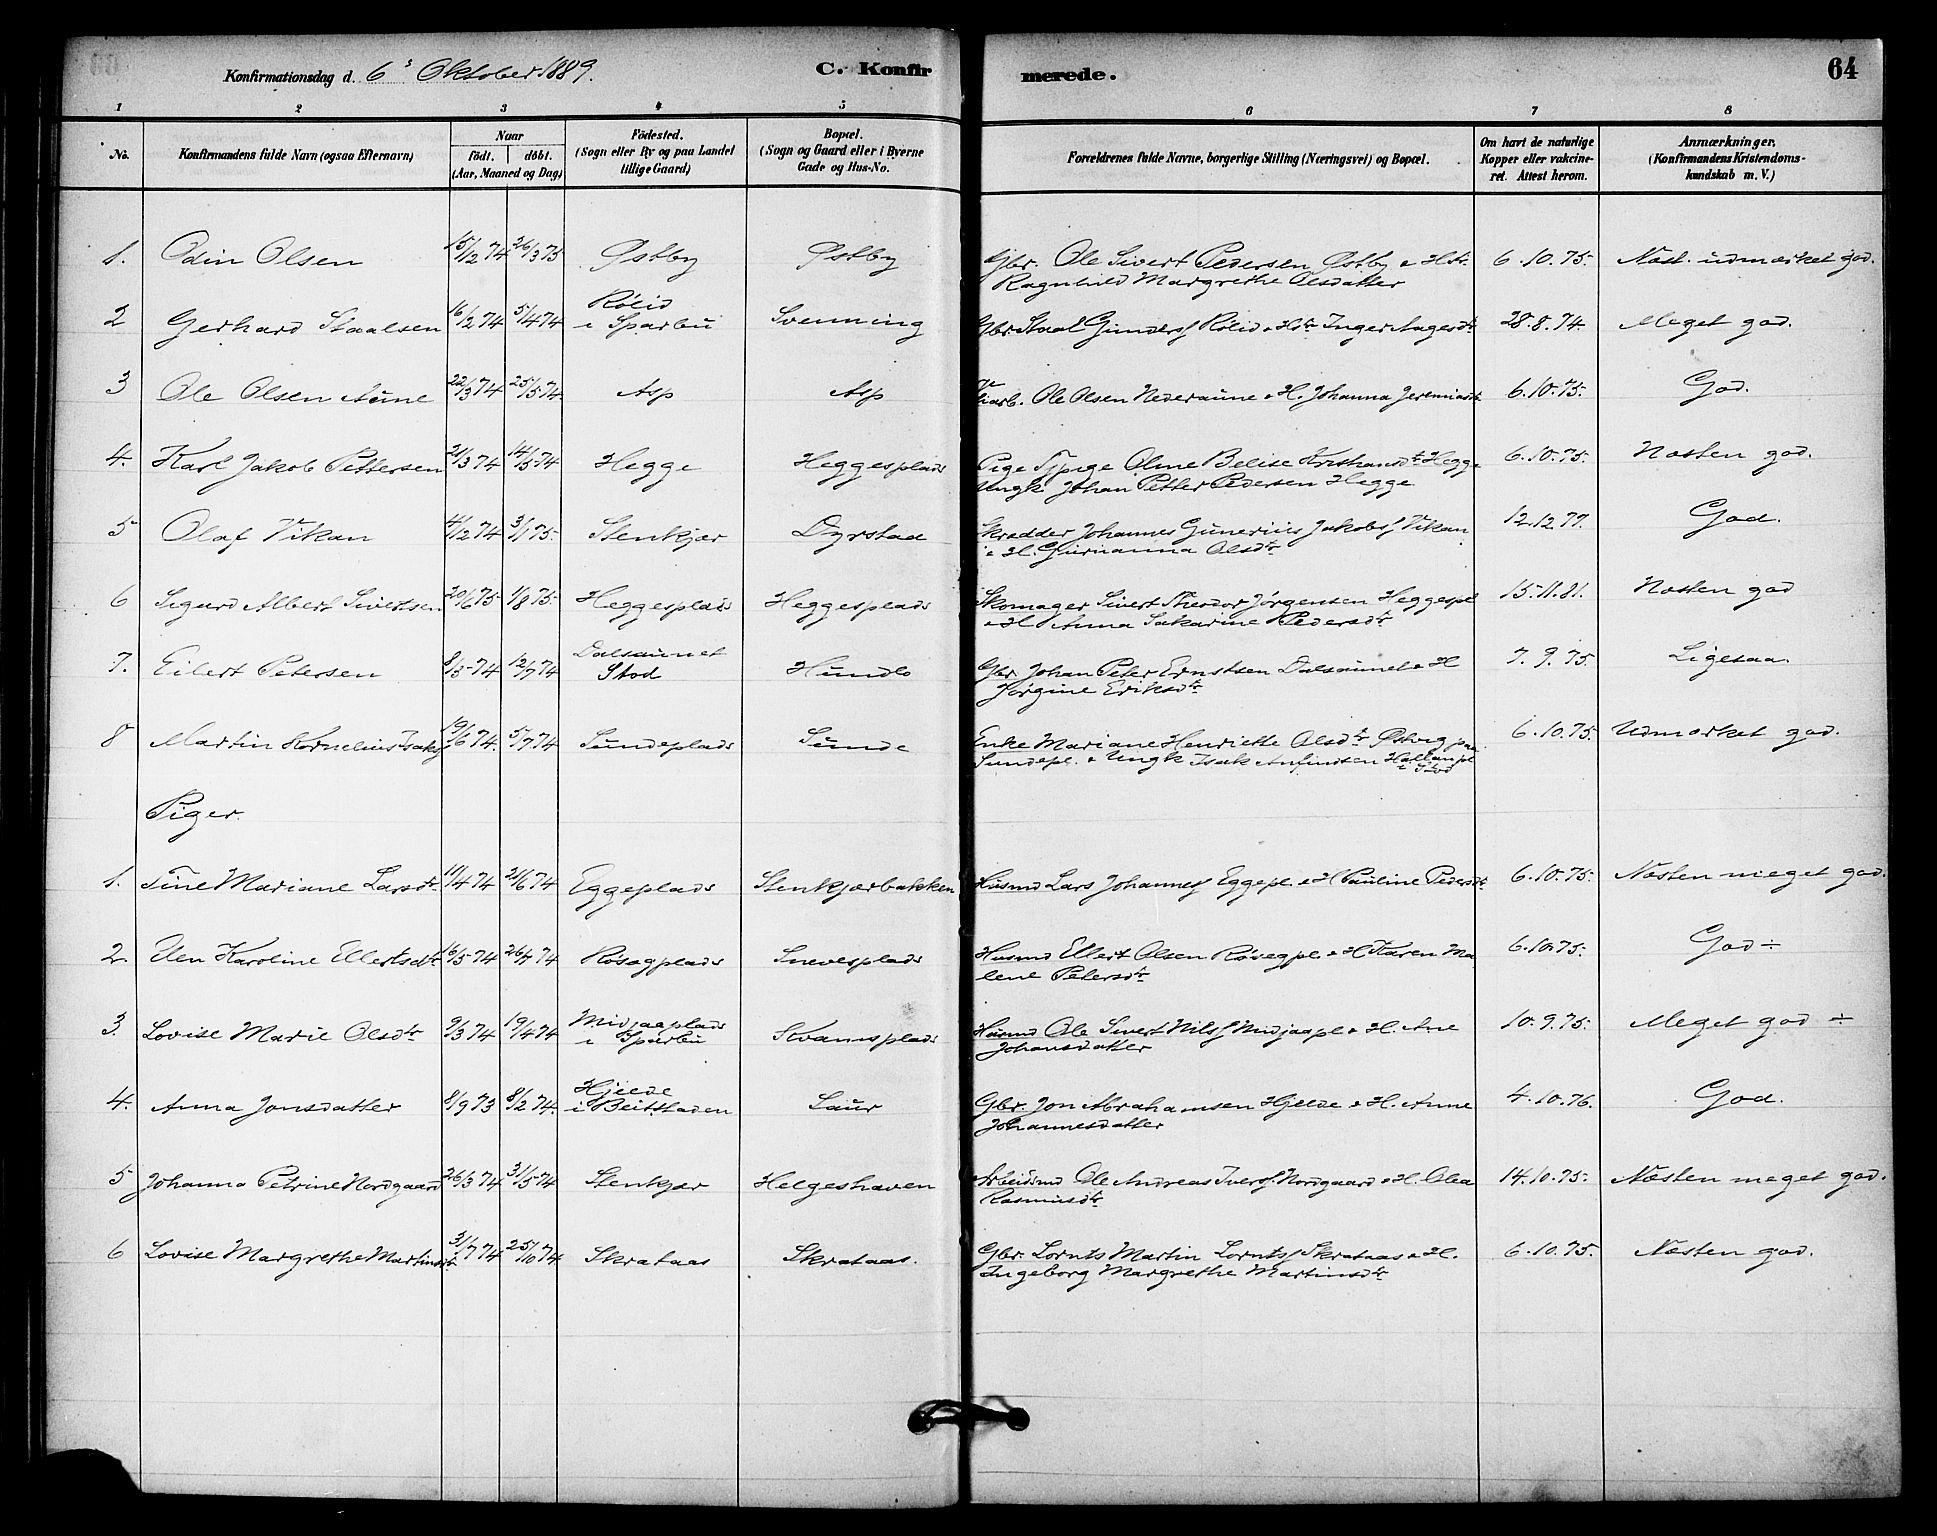 SAT, Ministerialprotokoller, klokkerbøker og fødselsregistre - Nord-Trøndelag, 740/L0378: Ministerialbok nr. 740A01, 1881-1895, s. 64